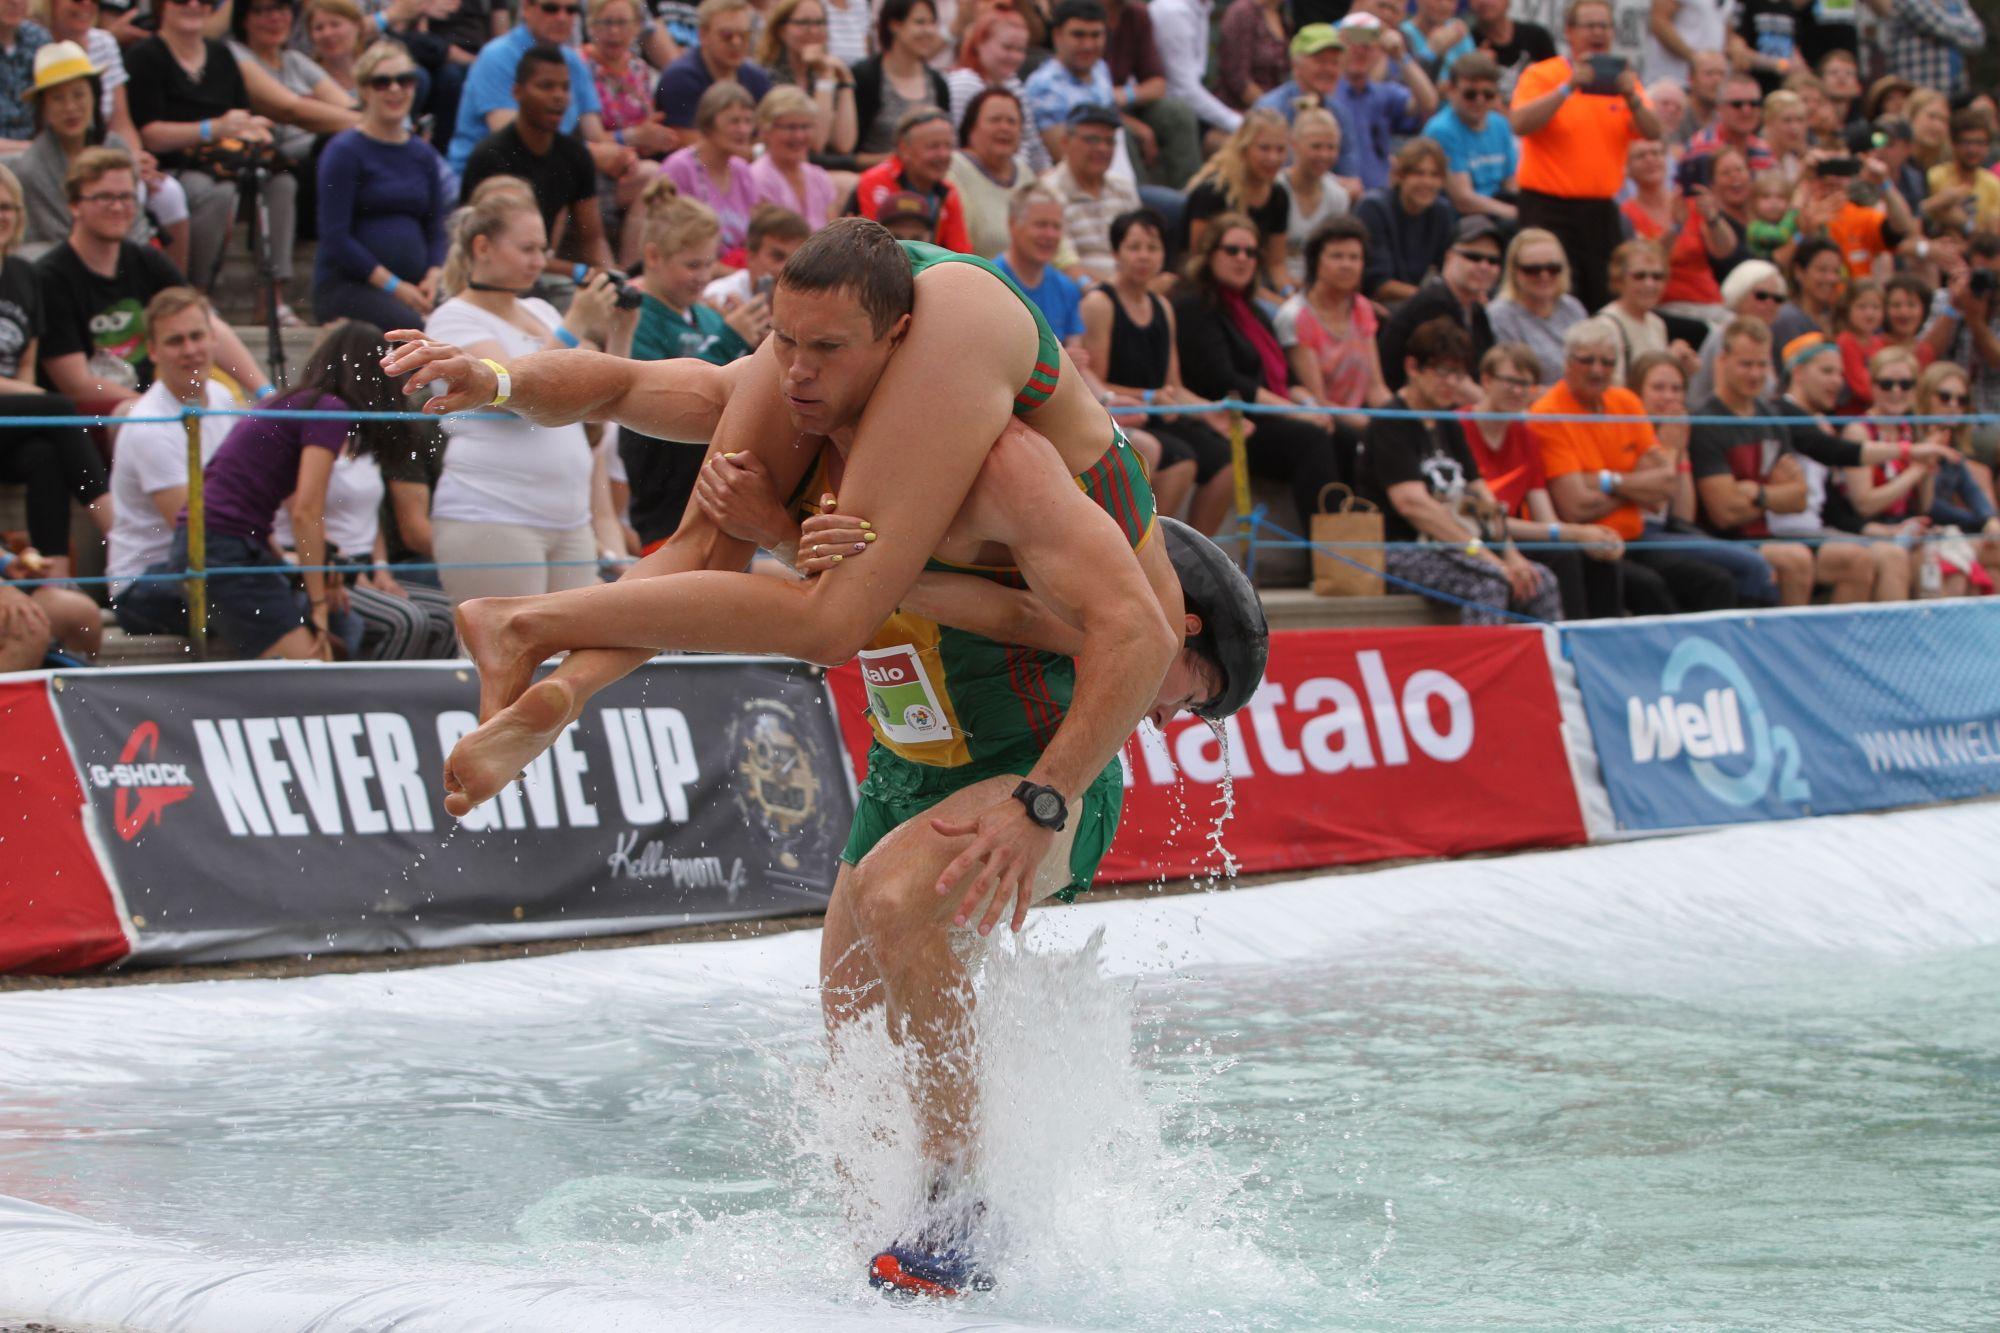 World Wife-Carrying Championship, e la moglie è più che mai un peso